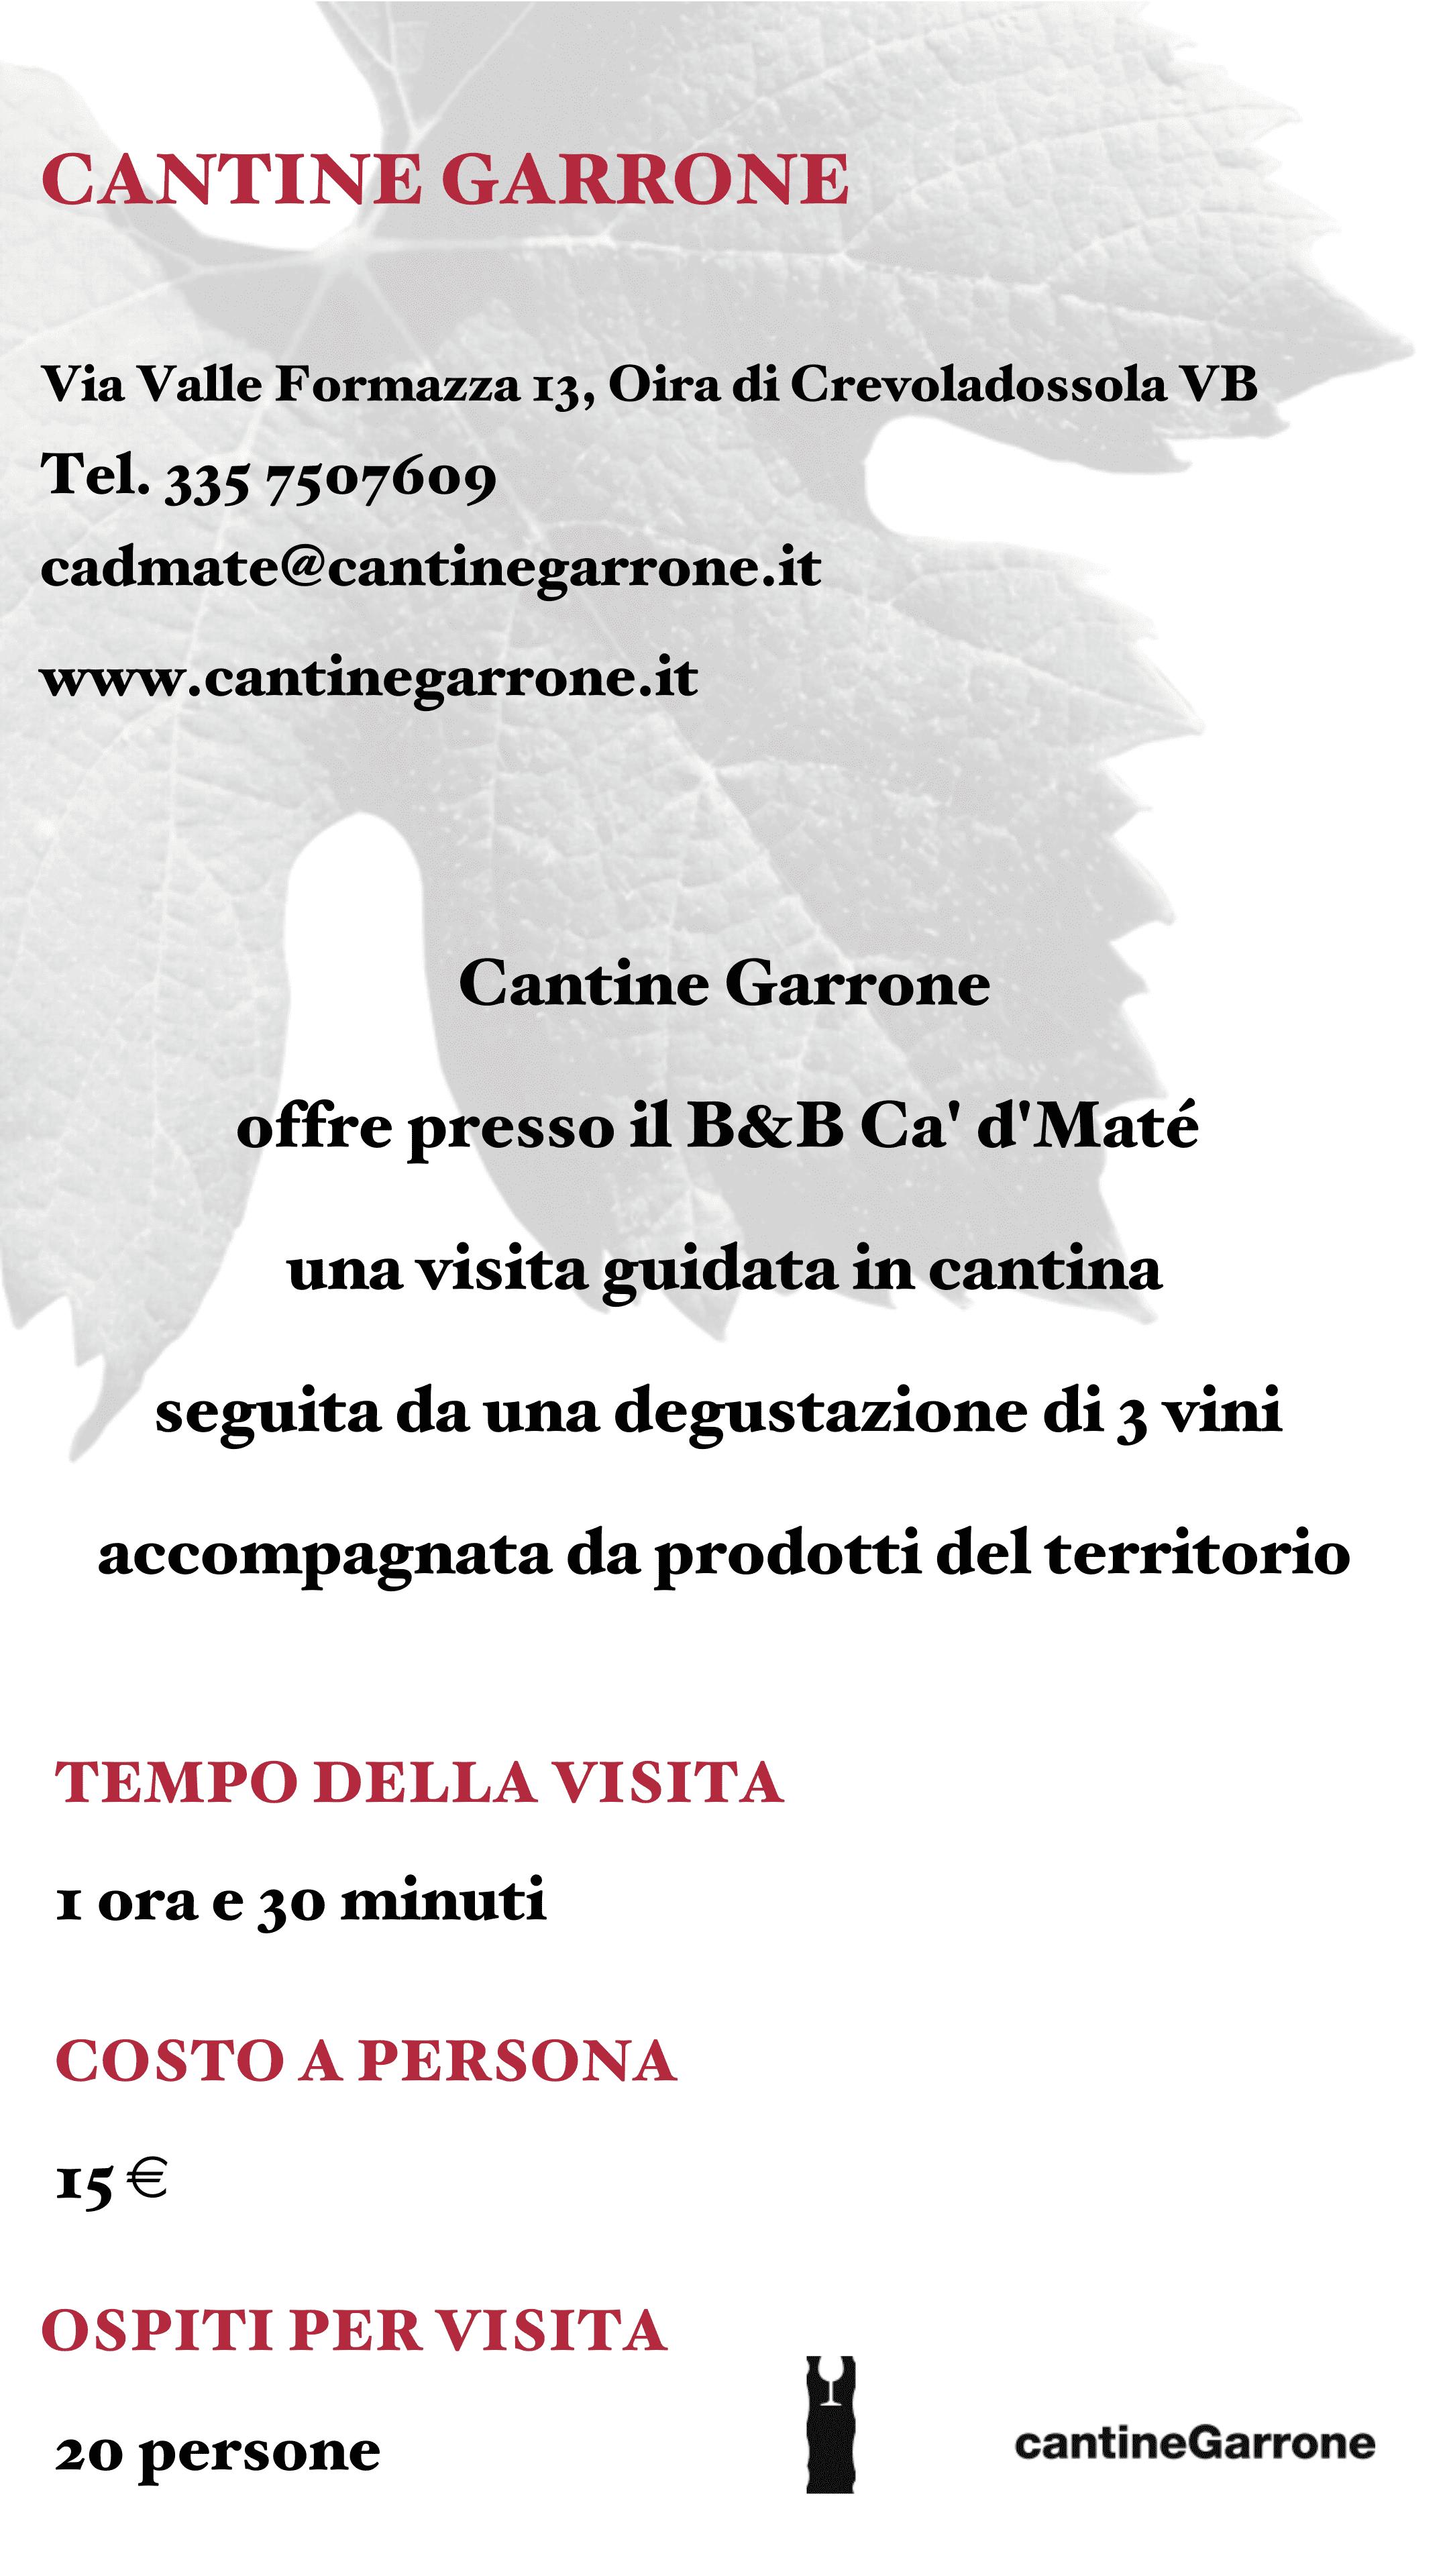 Cantine Garrone